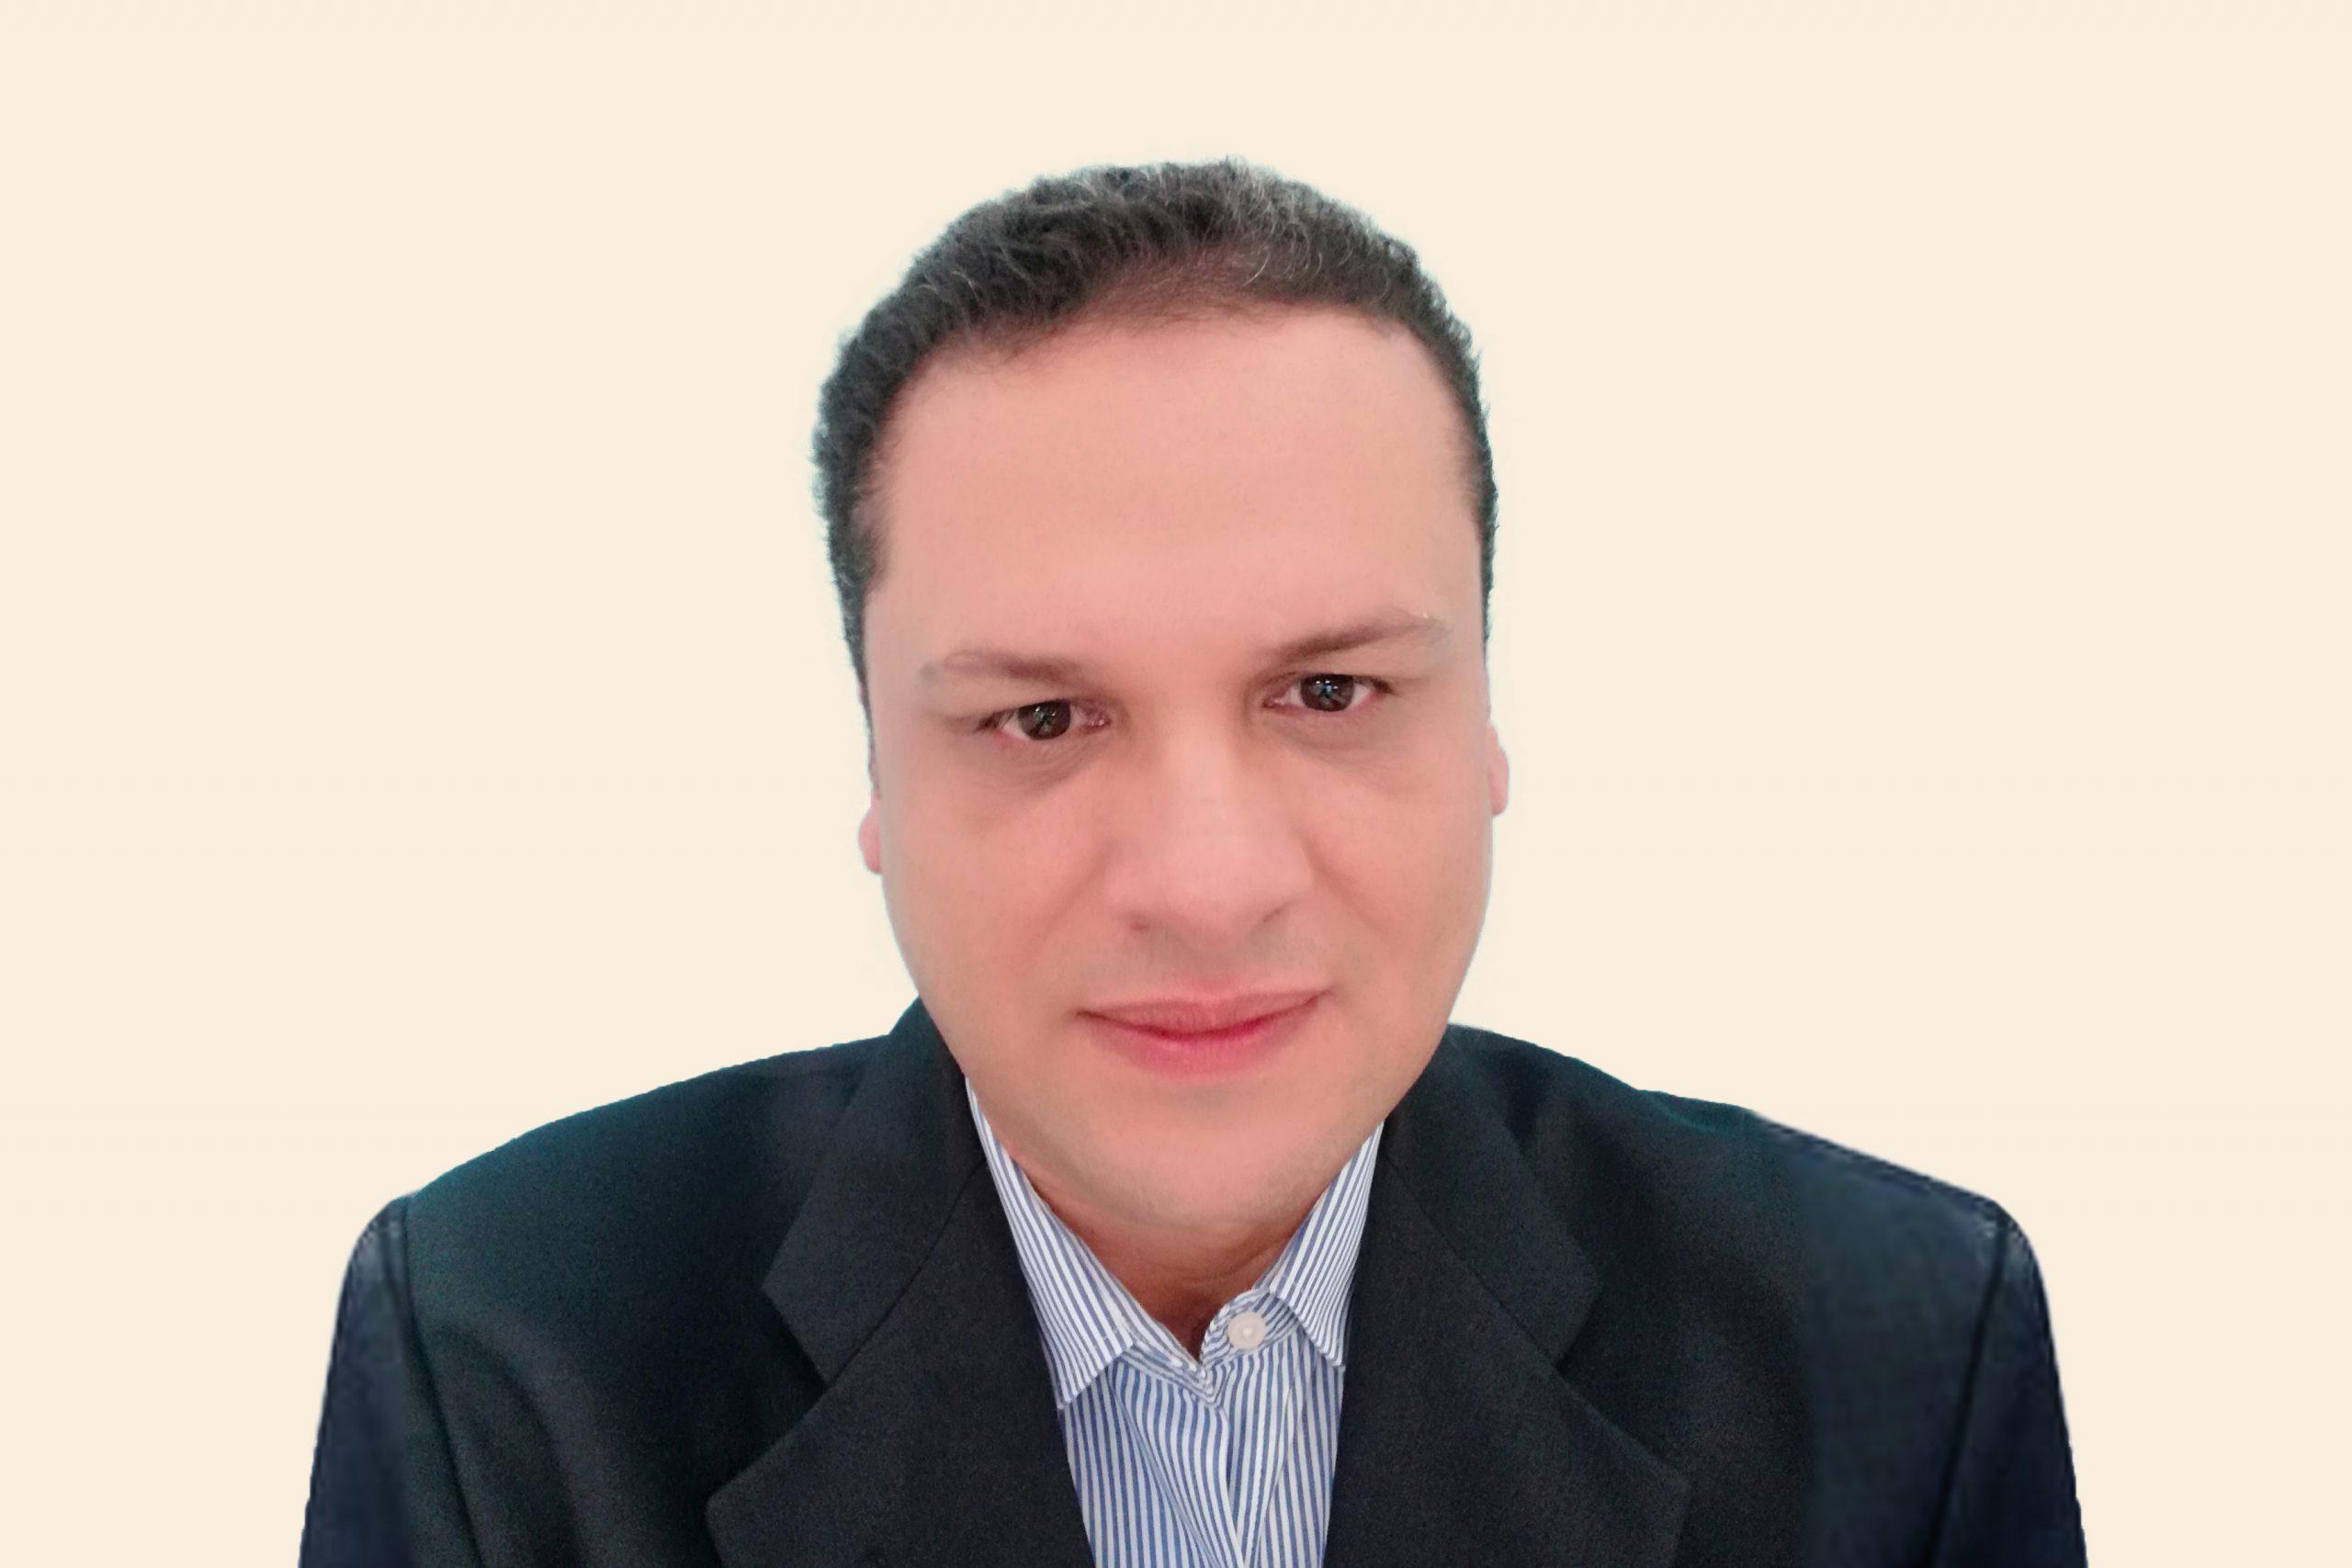 Dr. Ashraf Al Eisawy